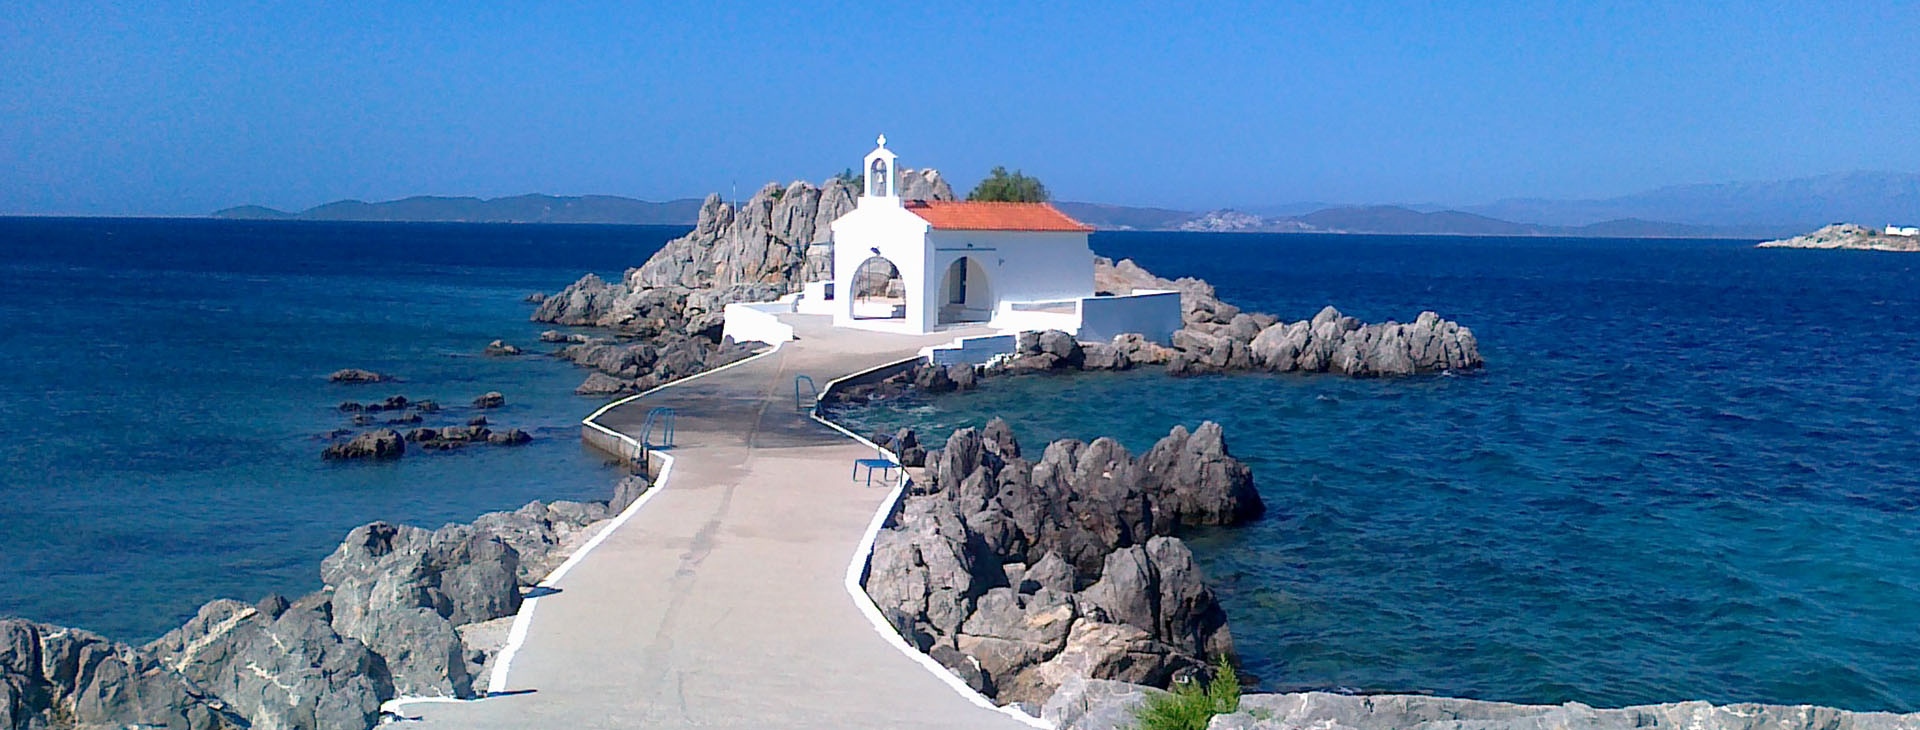 Agios Isidoros chapel, Chios island